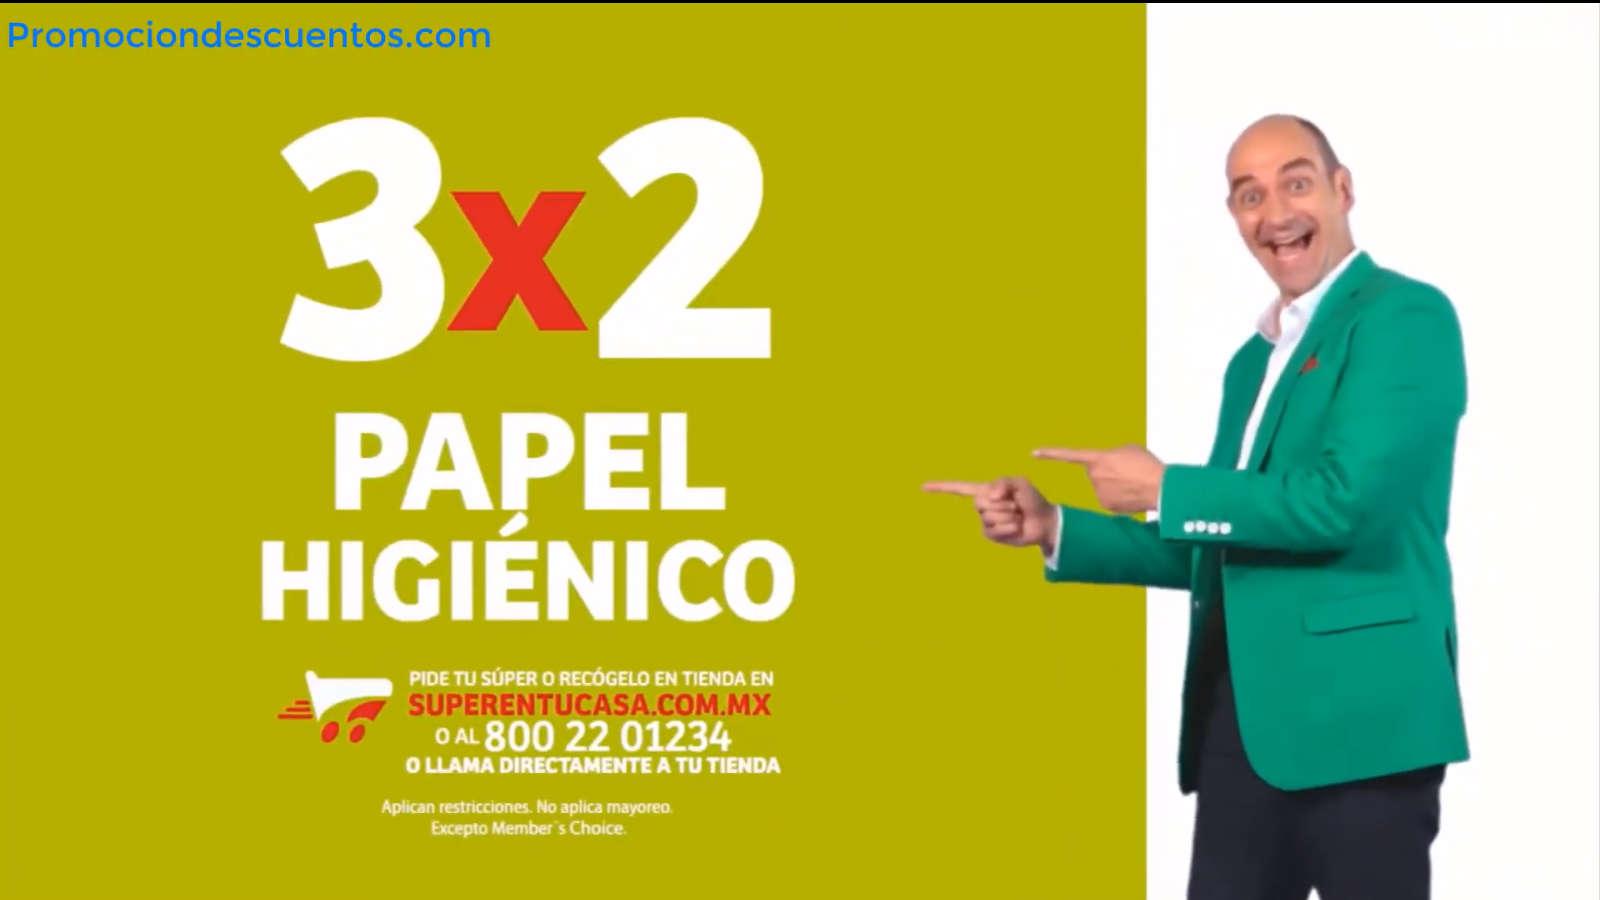 Julio Regalado 2020: 3×2 en TODO el Papel Higiénico